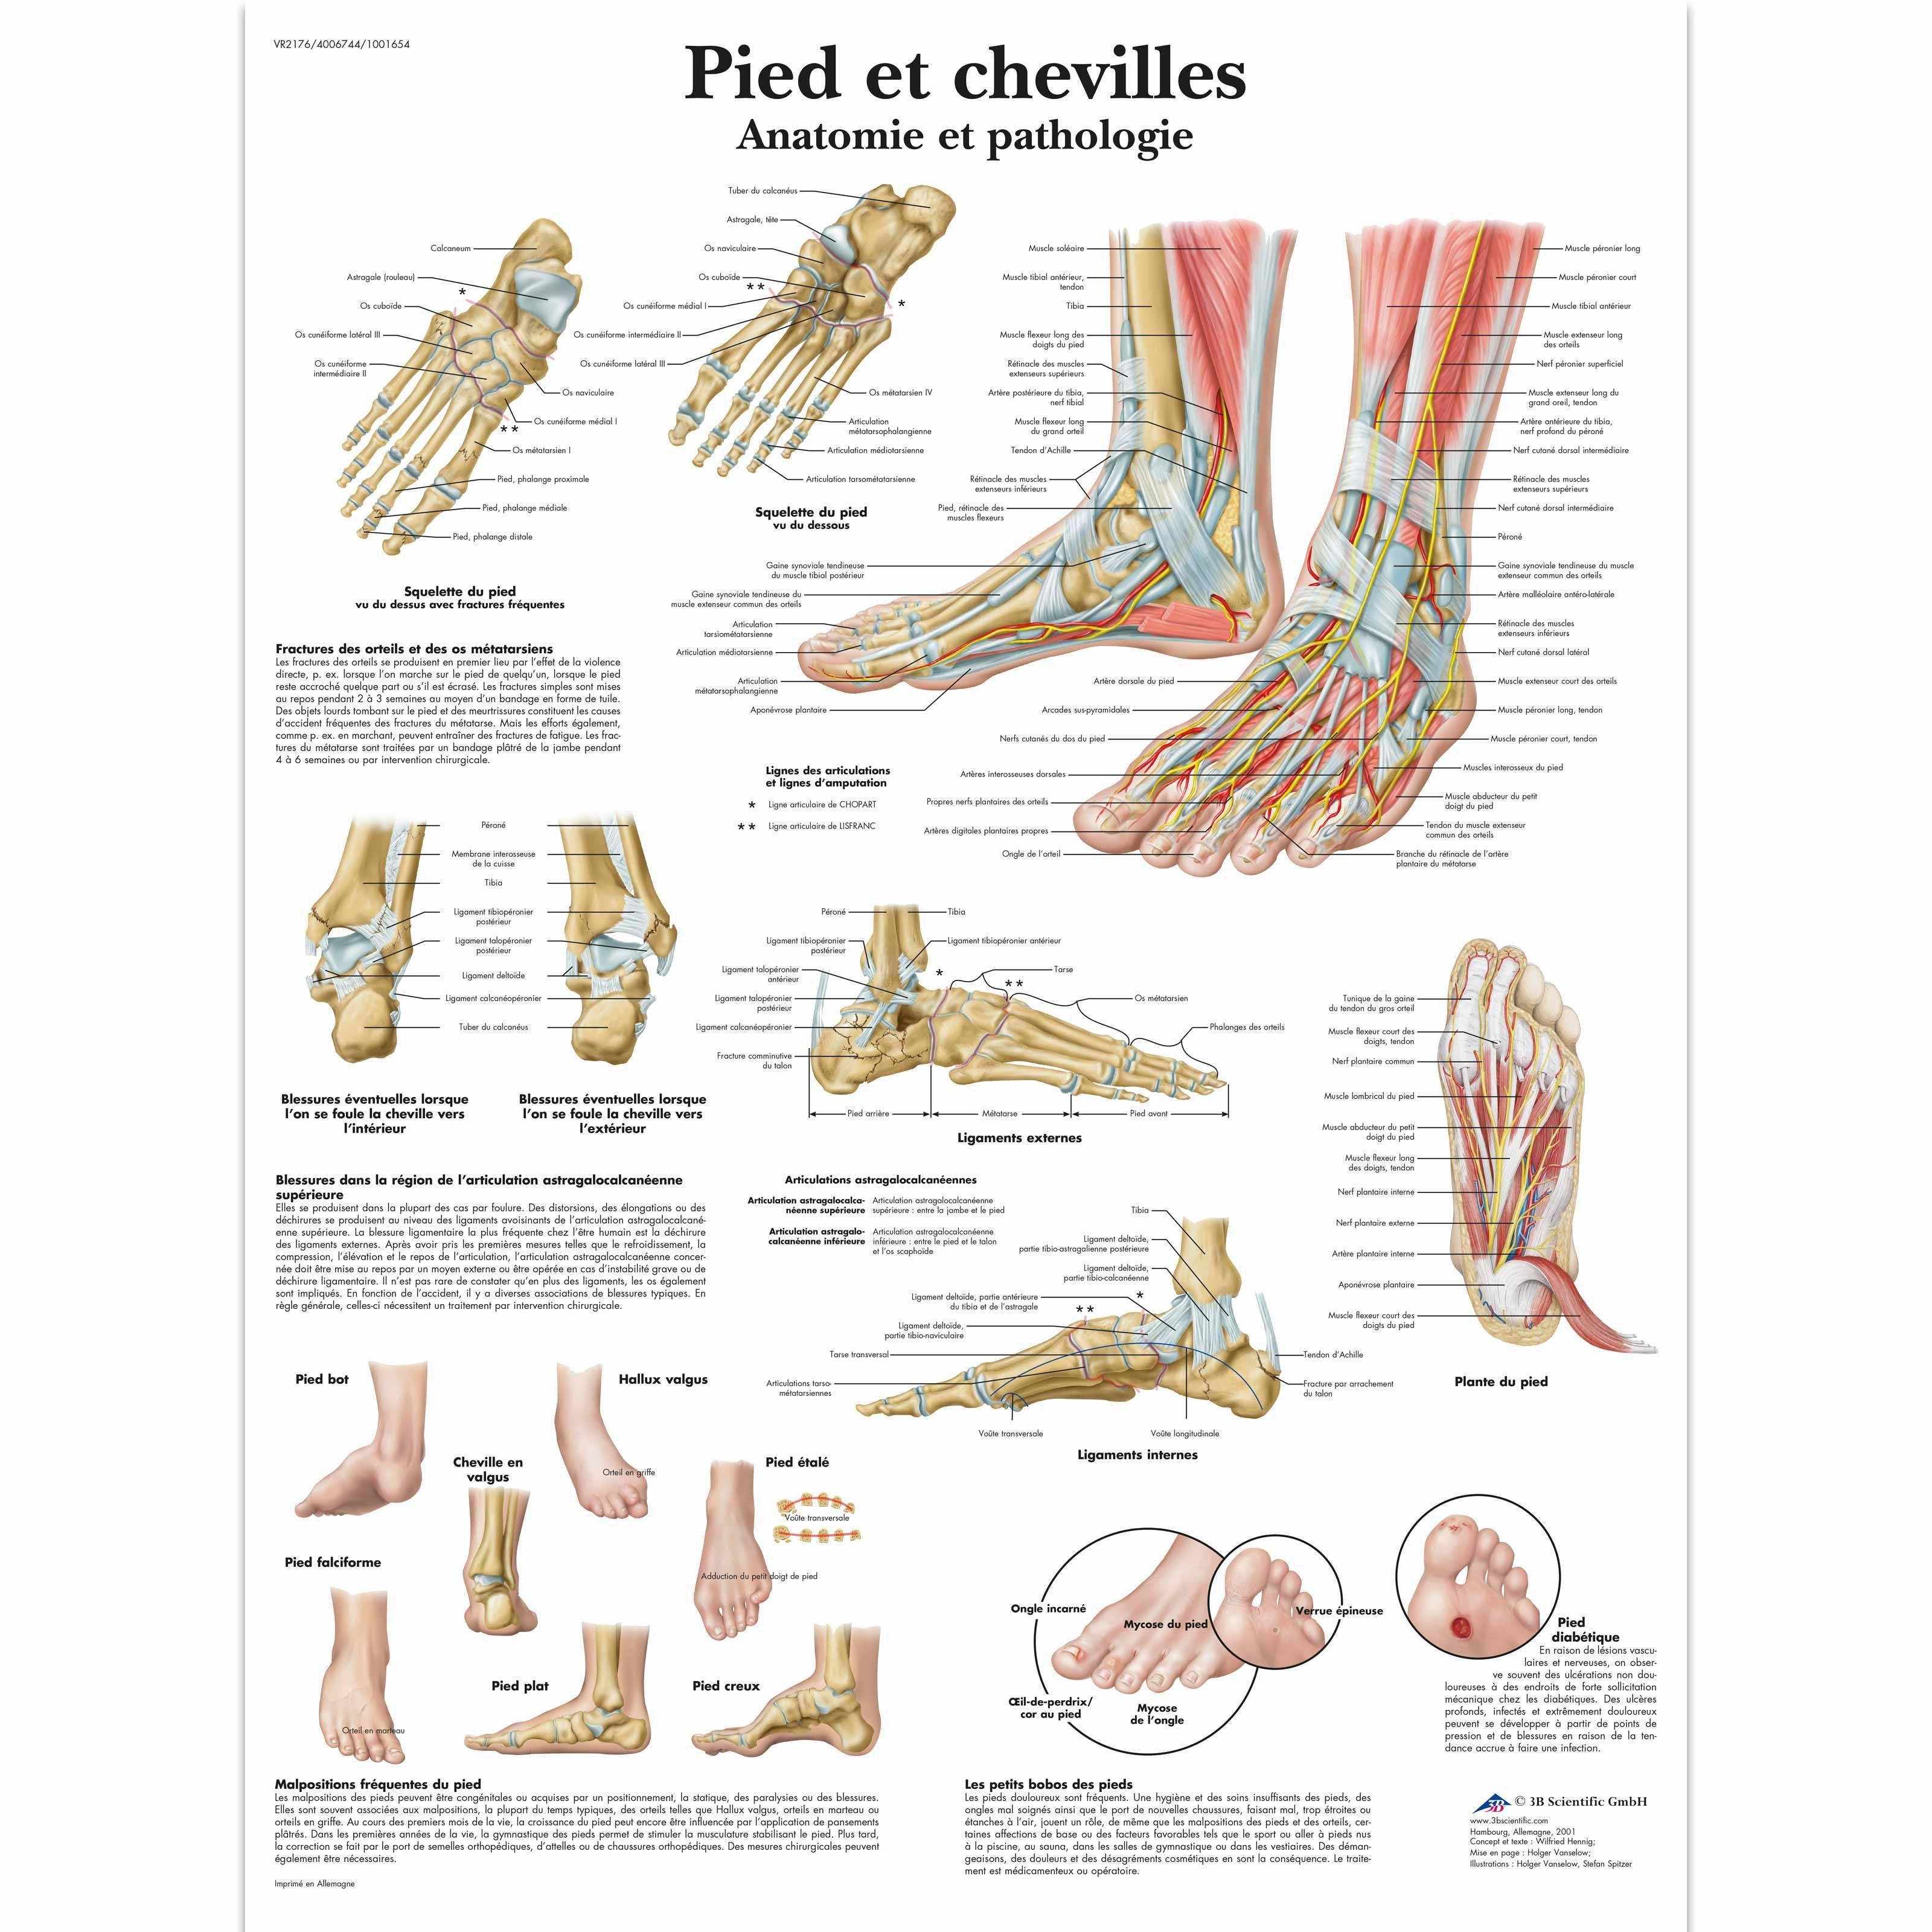 Pied et chevilles - Anatomie et pathologie